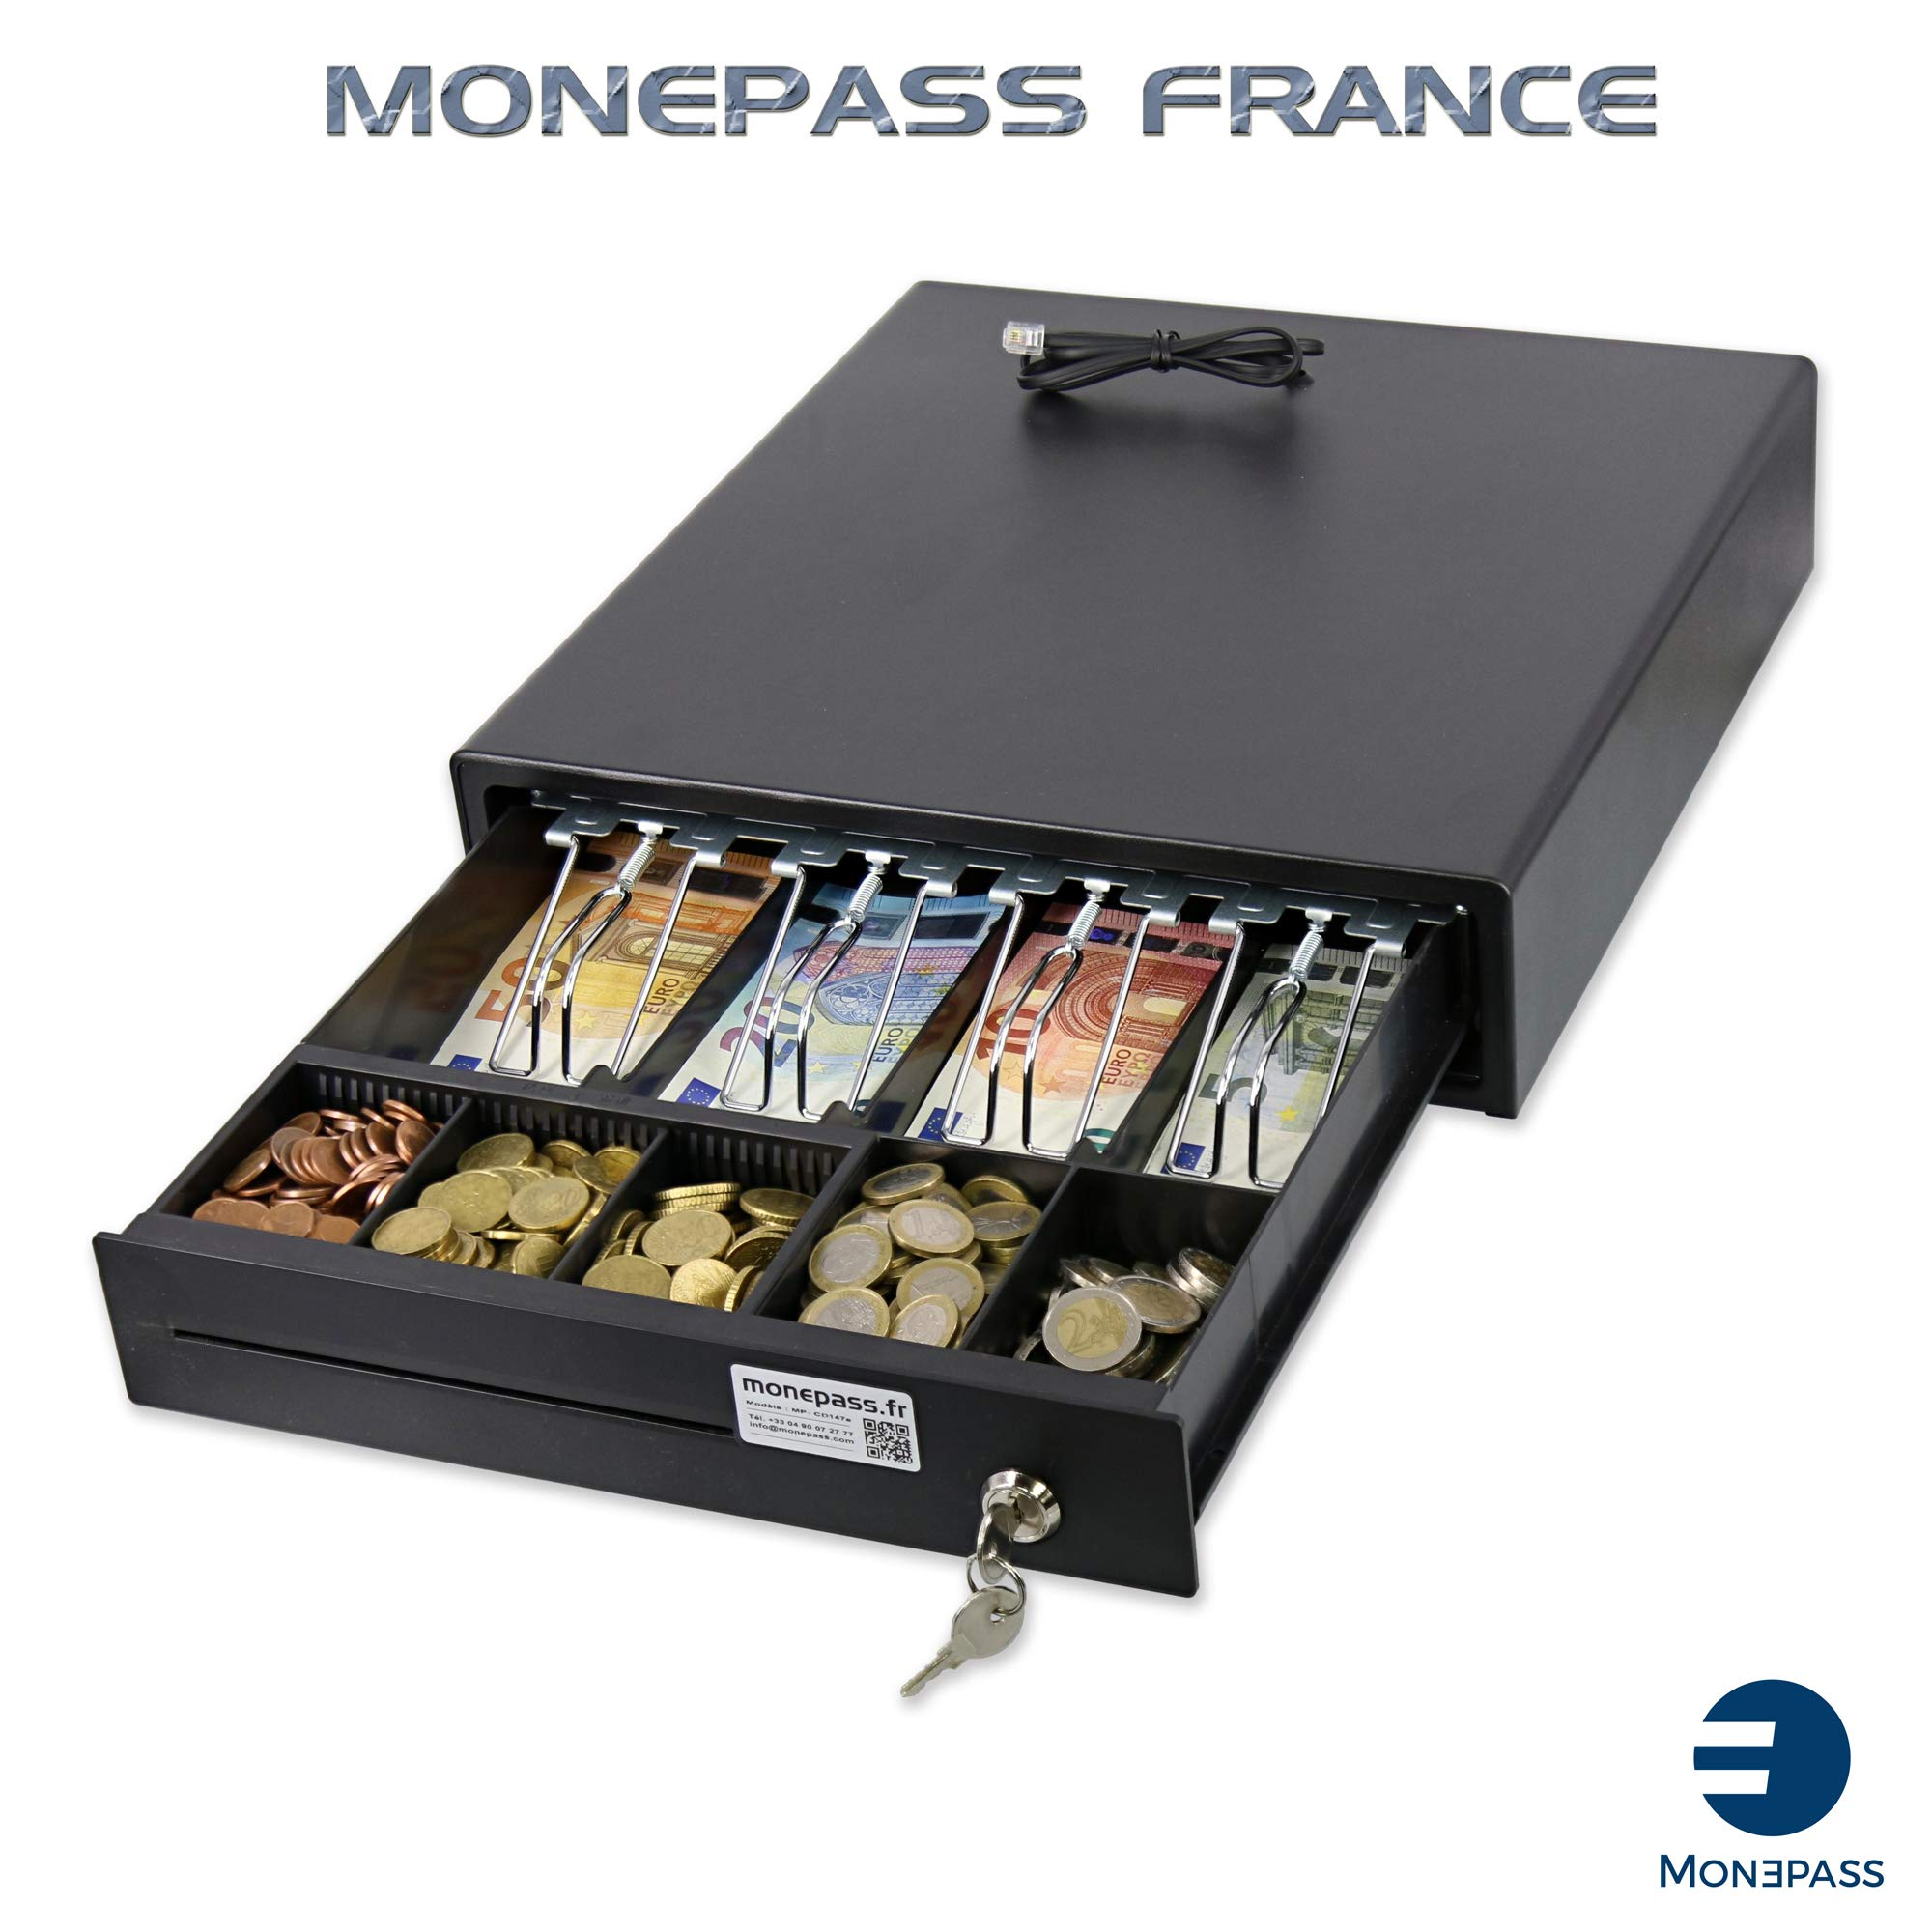 Cajón de caja con apertura automática (a través de conexión de impresora RJ) o manual mediante llave): 3 billetes / 8 piezas, color Compartiments : 4 billets + 1/5 pièces.: Amazon.es: Oficina y papelería